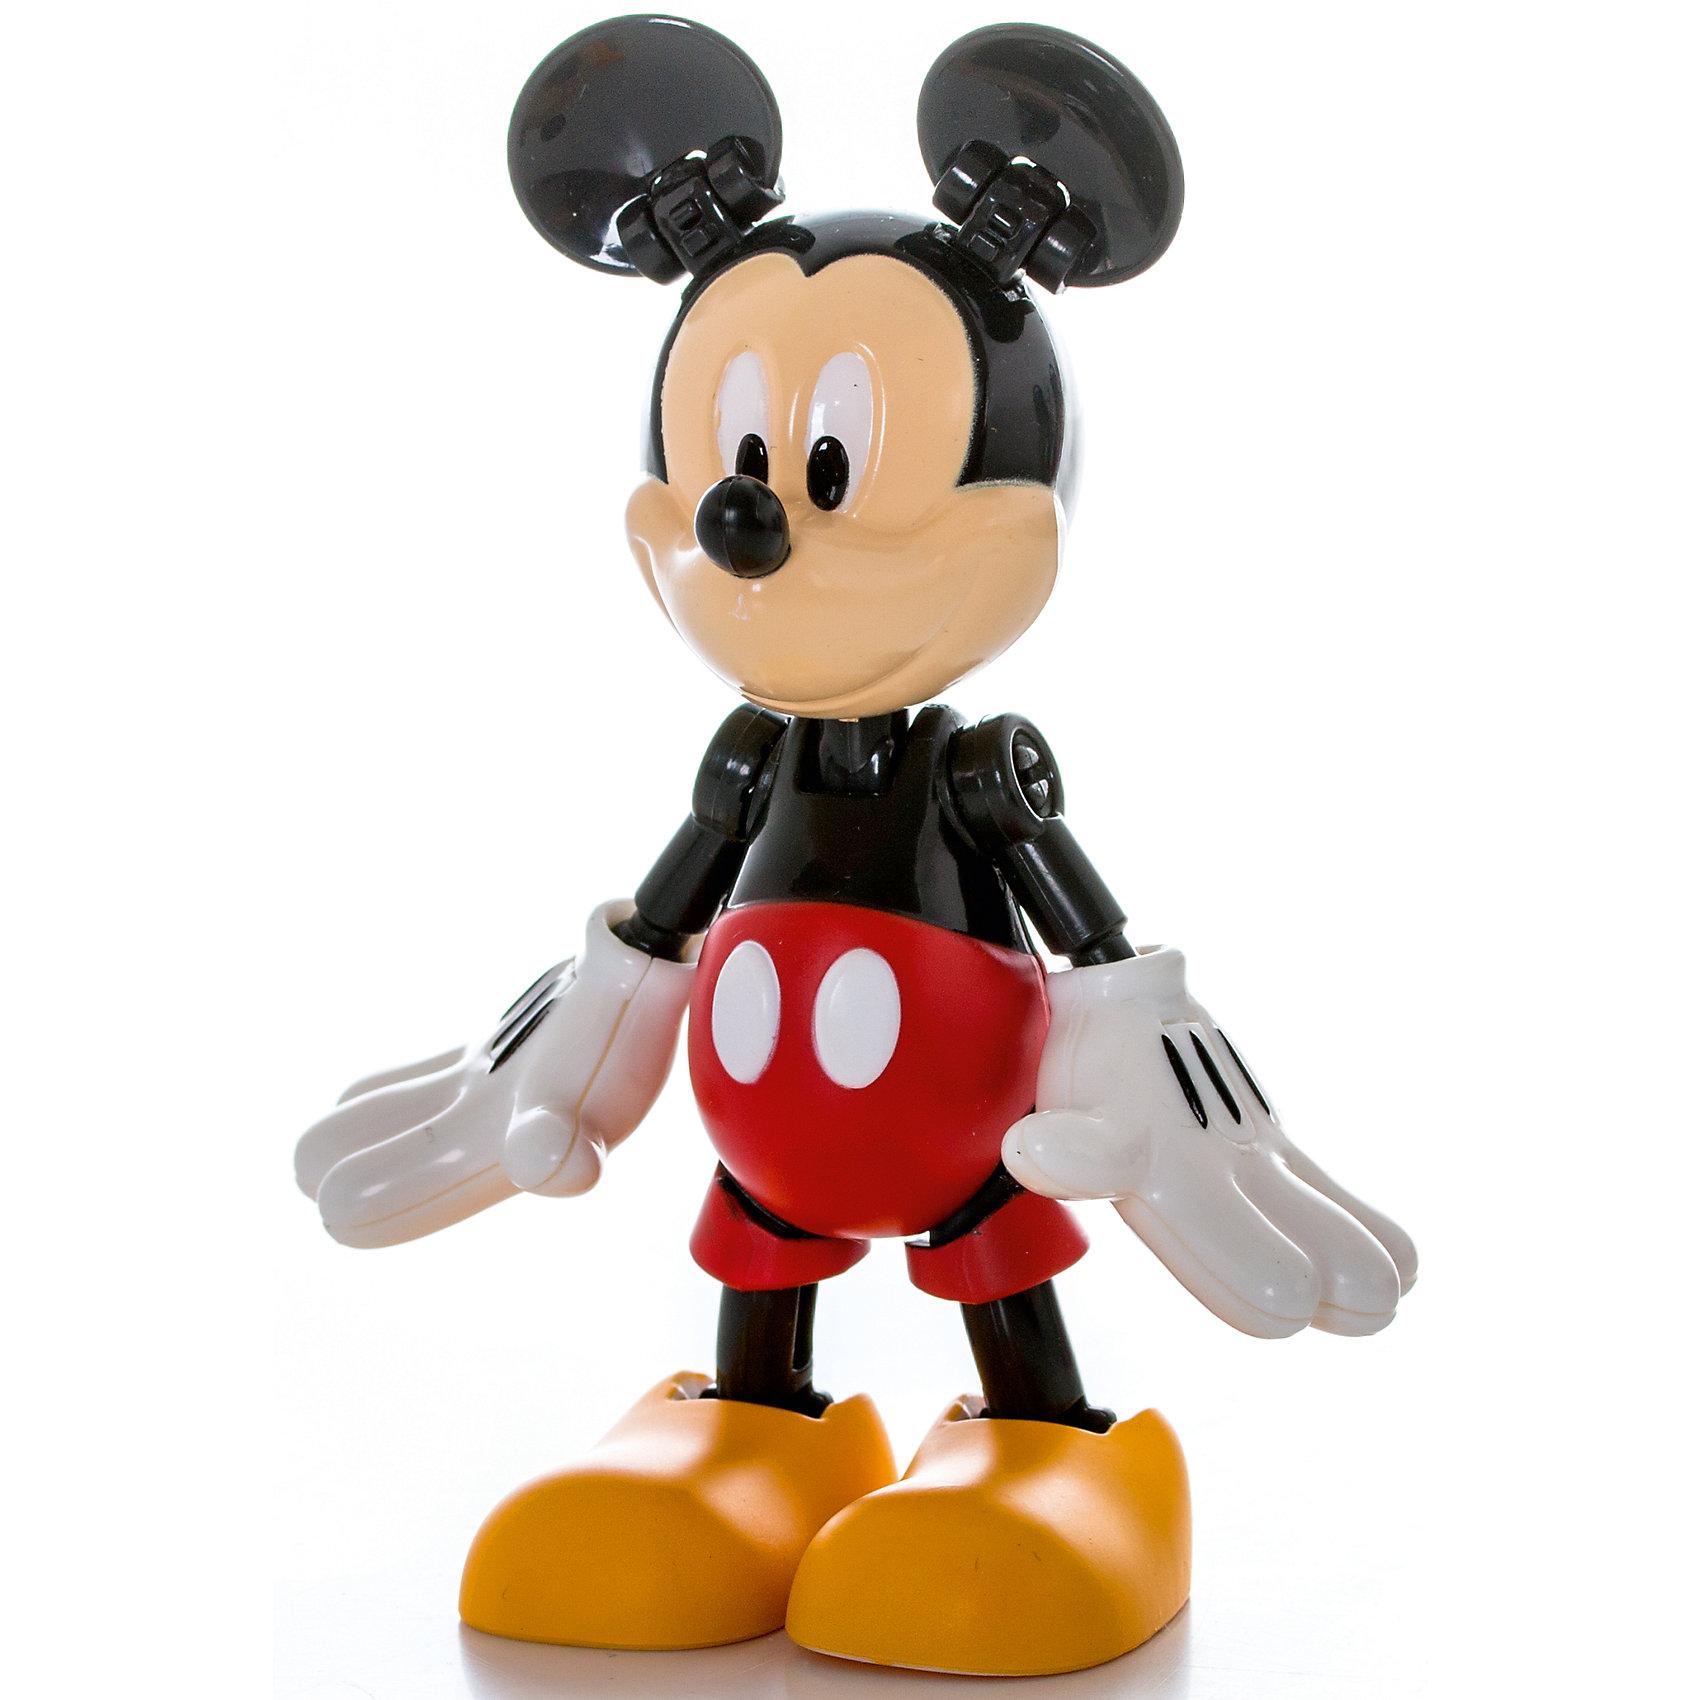 Яйцо-трансформер Микки Маус, EggStarsКоллекционные и игровые фигурки<br>Благодаря такому яйцу-трансформеру Ваш ребенок сможет ловко сделать себе любимого героя Микки Мауса из Диснеевских мультфильмов!<br><br>Порадуйте Вашего ребенка таким замечательным подарком!<br><br>Дополнительная информация:<br><br>- Возраст: от 3 лет.<br>- Материал: пластик.<br>- Размер упаковки: 17х6х8 см.<br><br>Купить яйцо-трансформер Микки Маус, можно в нашем магазине.<br><br>Ширина мм: 90<br>Глубина мм: 60<br>Высота мм: 170<br>Вес г: 73<br>Возраст от месяцев: 48<br>Возраст до месяцев: 144<br>Пол: Унисекс<br>Возраст: Детский<br>SKU: 4929056